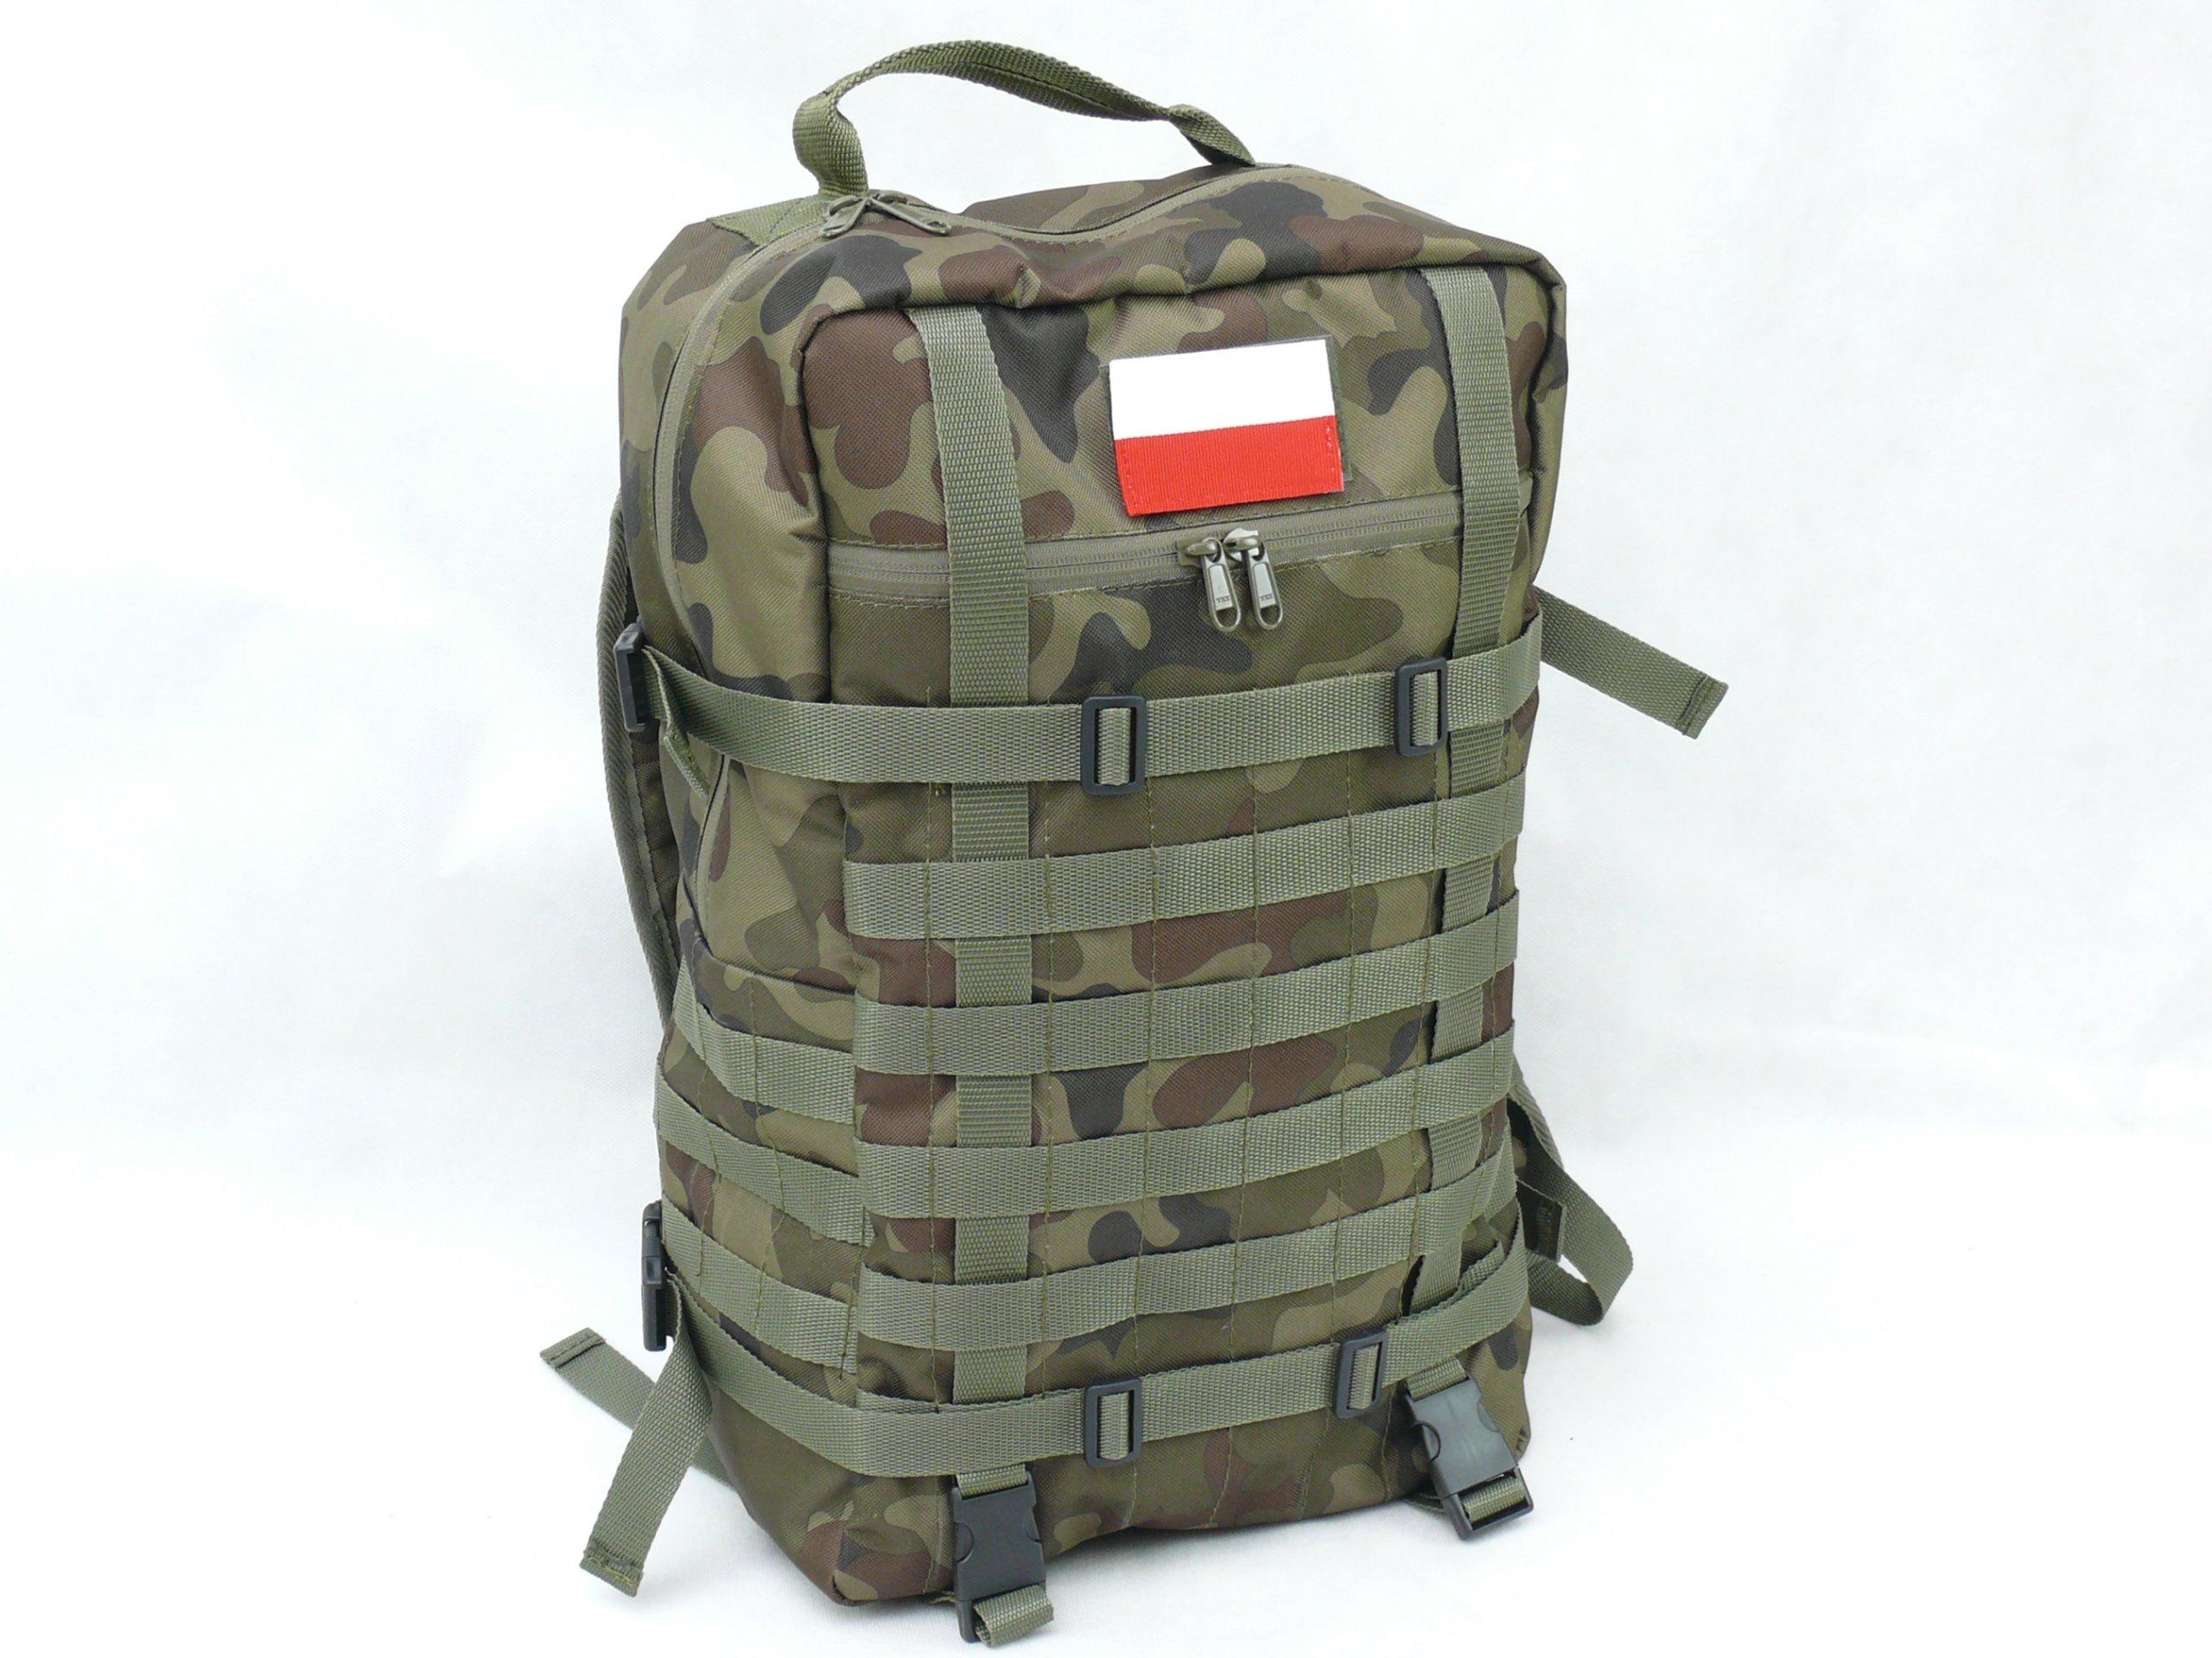 5e3d7f5f1f586 POLSKI Wojskowy Plecak Taktyczny WZ93 - PROMO 7467546830 - Allegro.pl